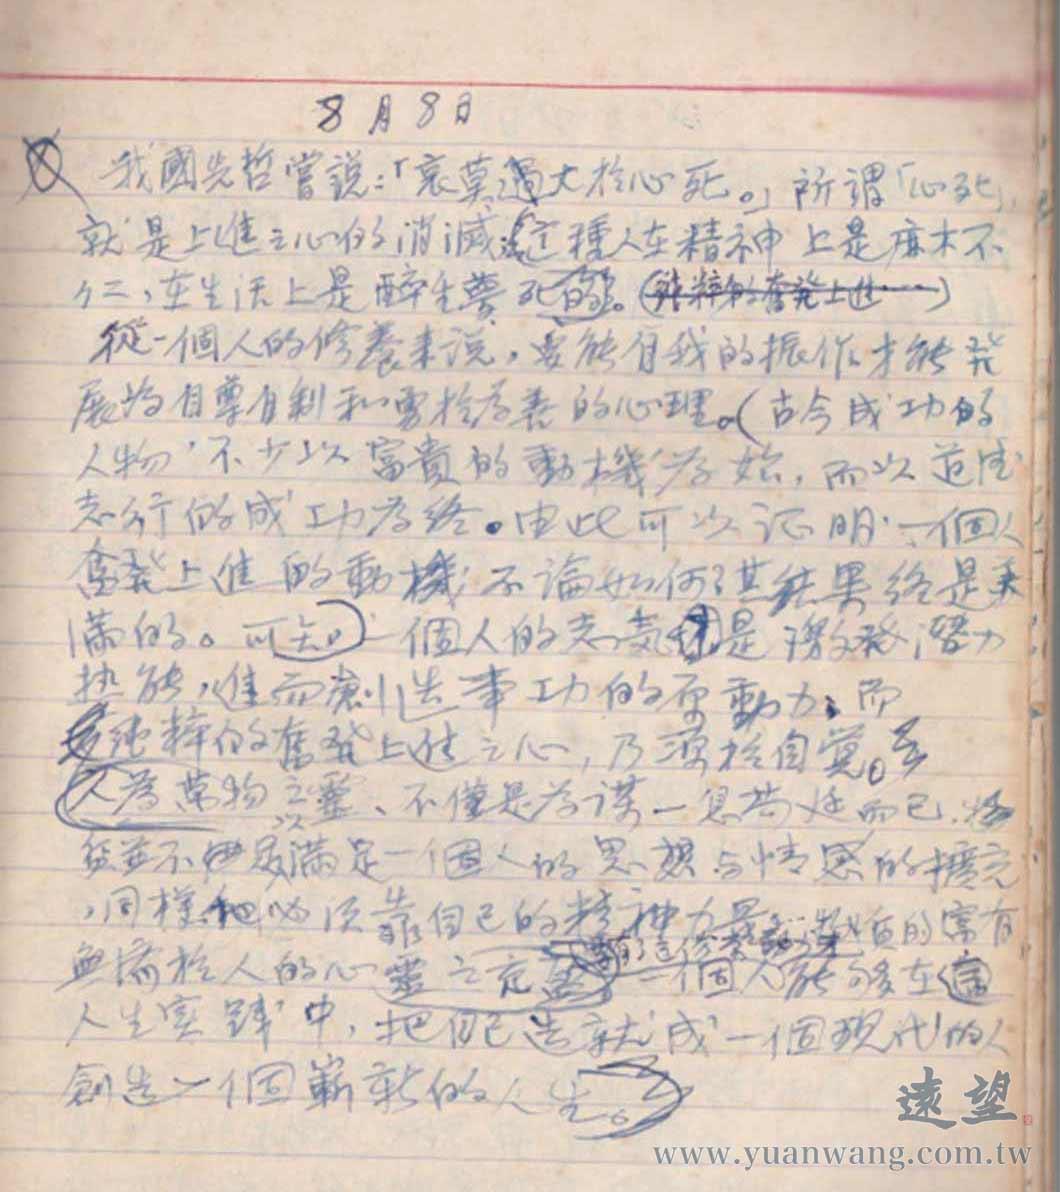 陳其昌1972年8月8日的獄中日記之手稿